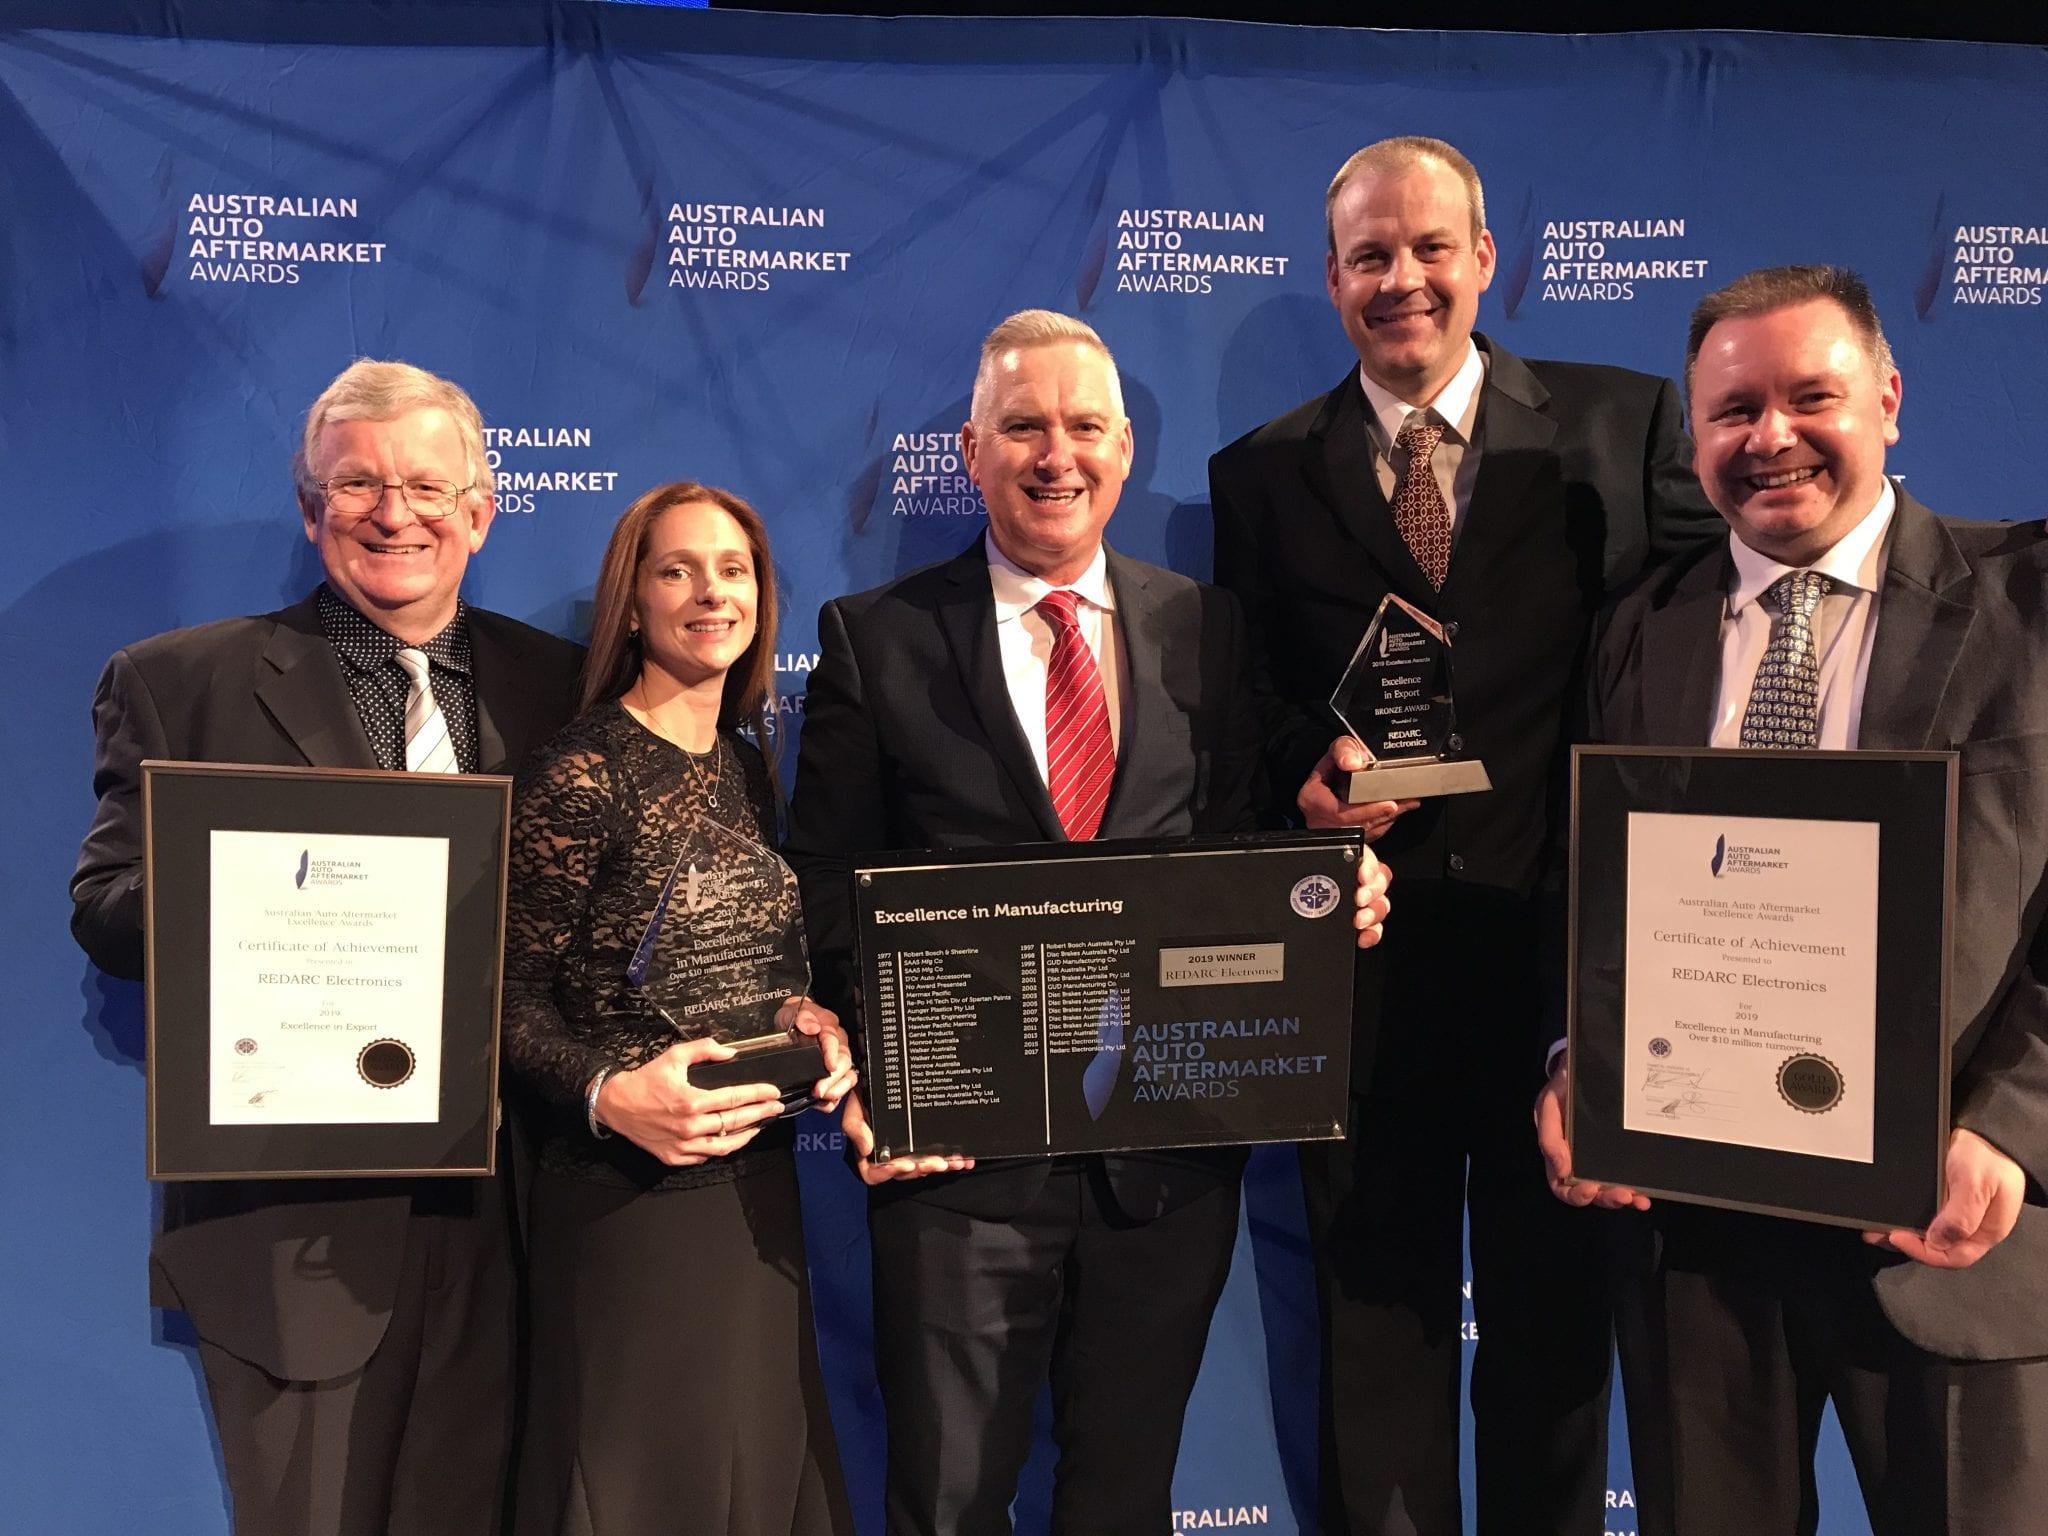 REDARC win multiple awards at AAAA